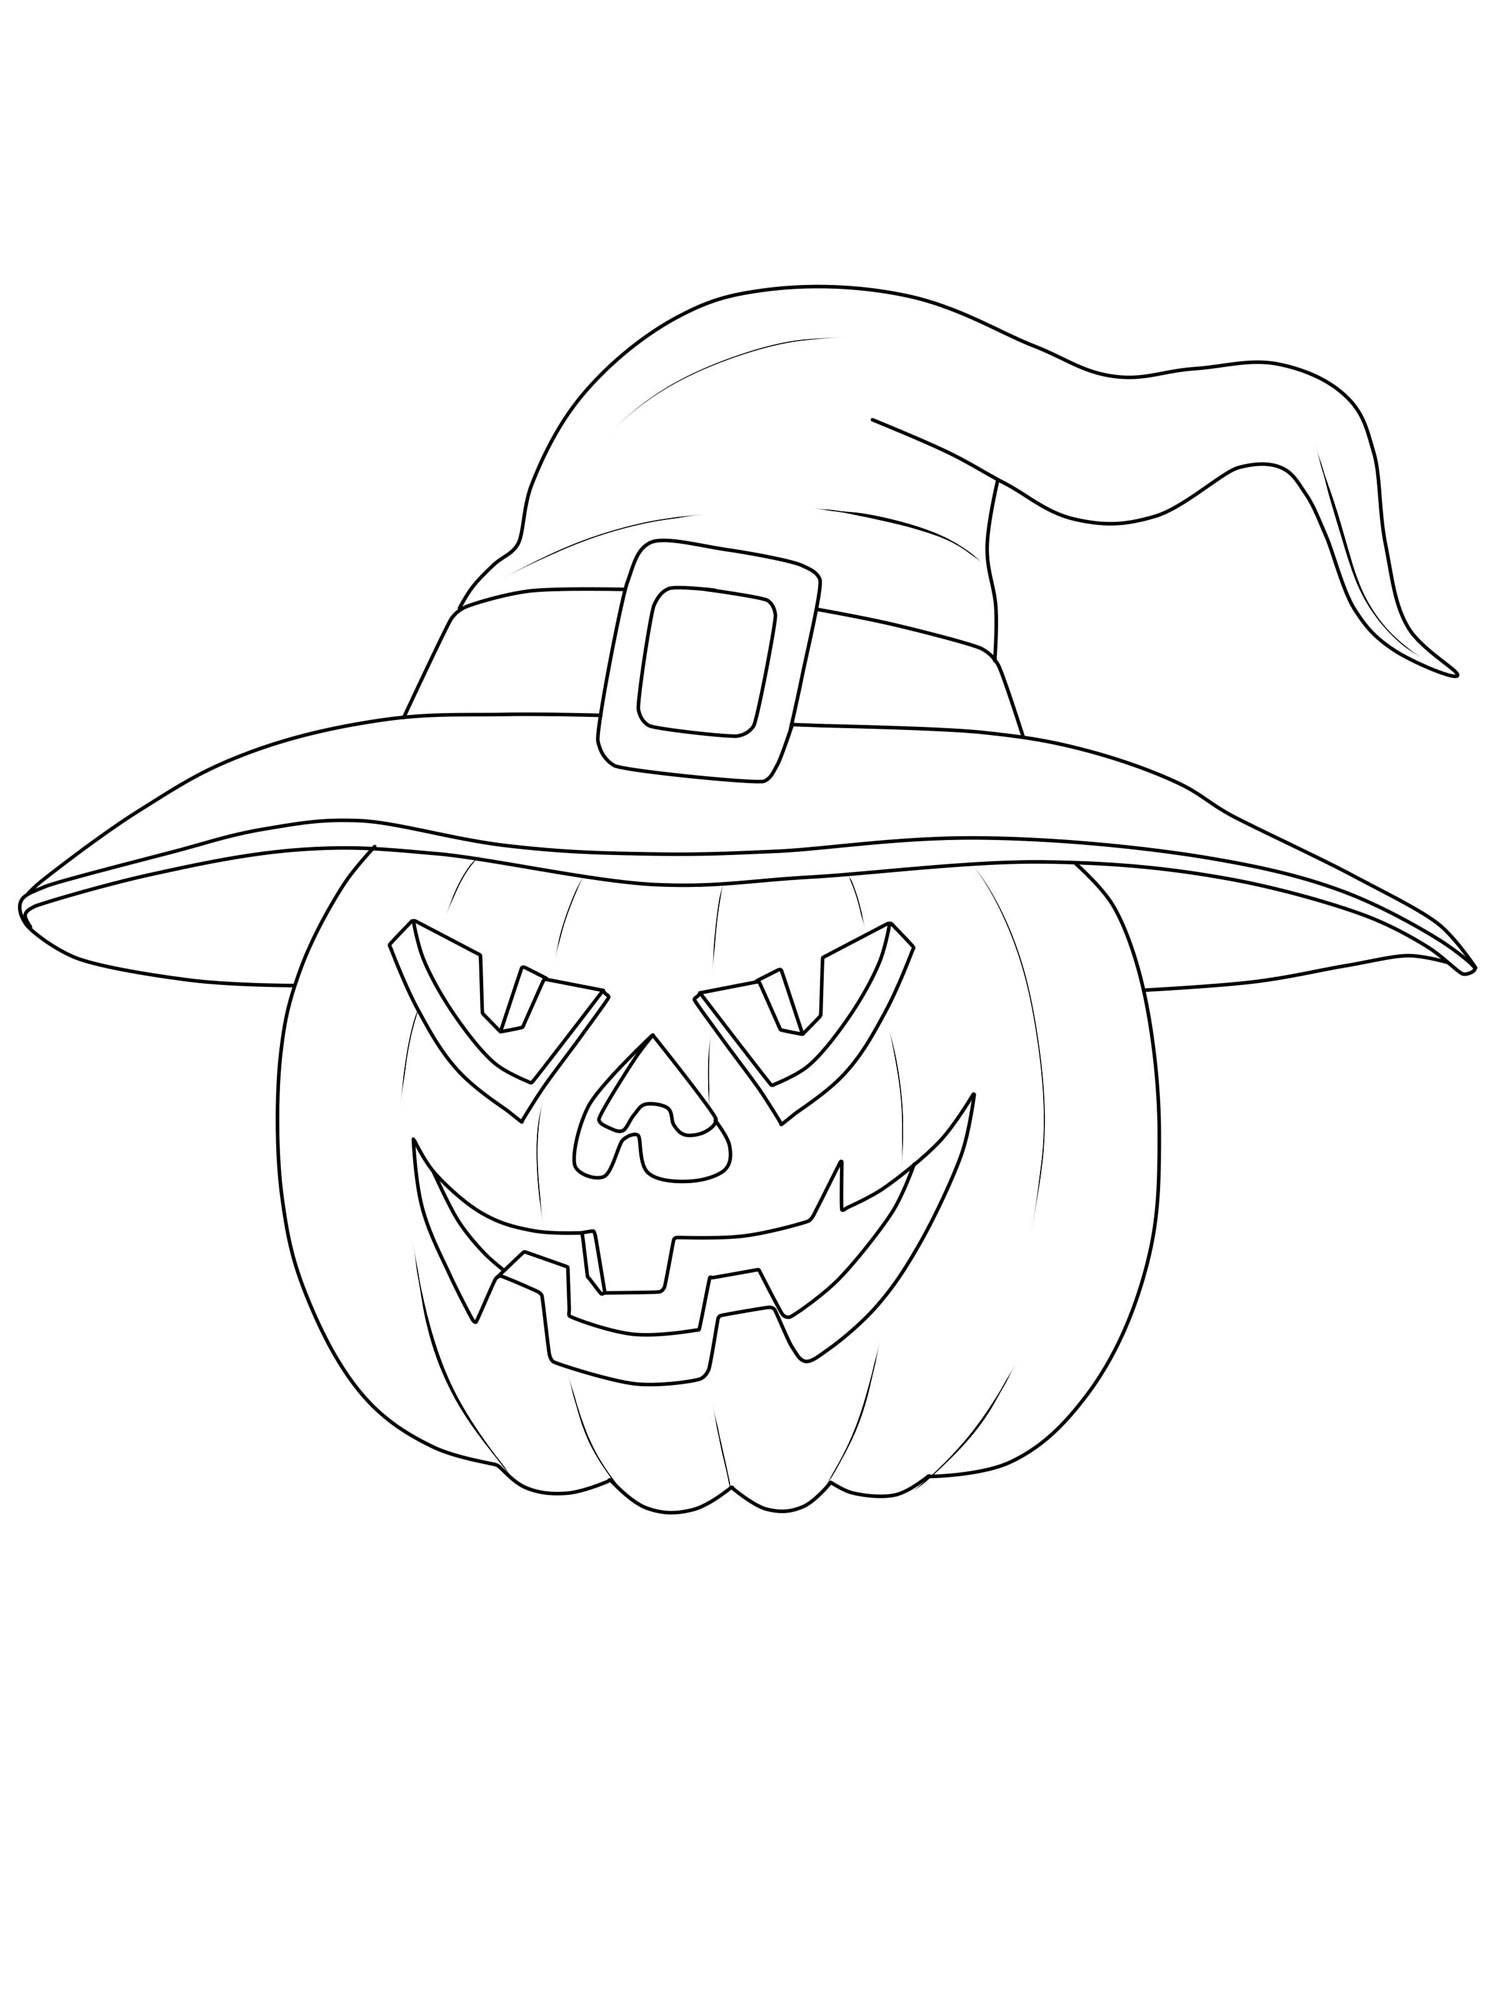 Ausmalbild Halloween: Kürbis-Hexe Ausmalen Kostenlos über Gruselige Halloween Ausmalbilder Zum Ausdrucken